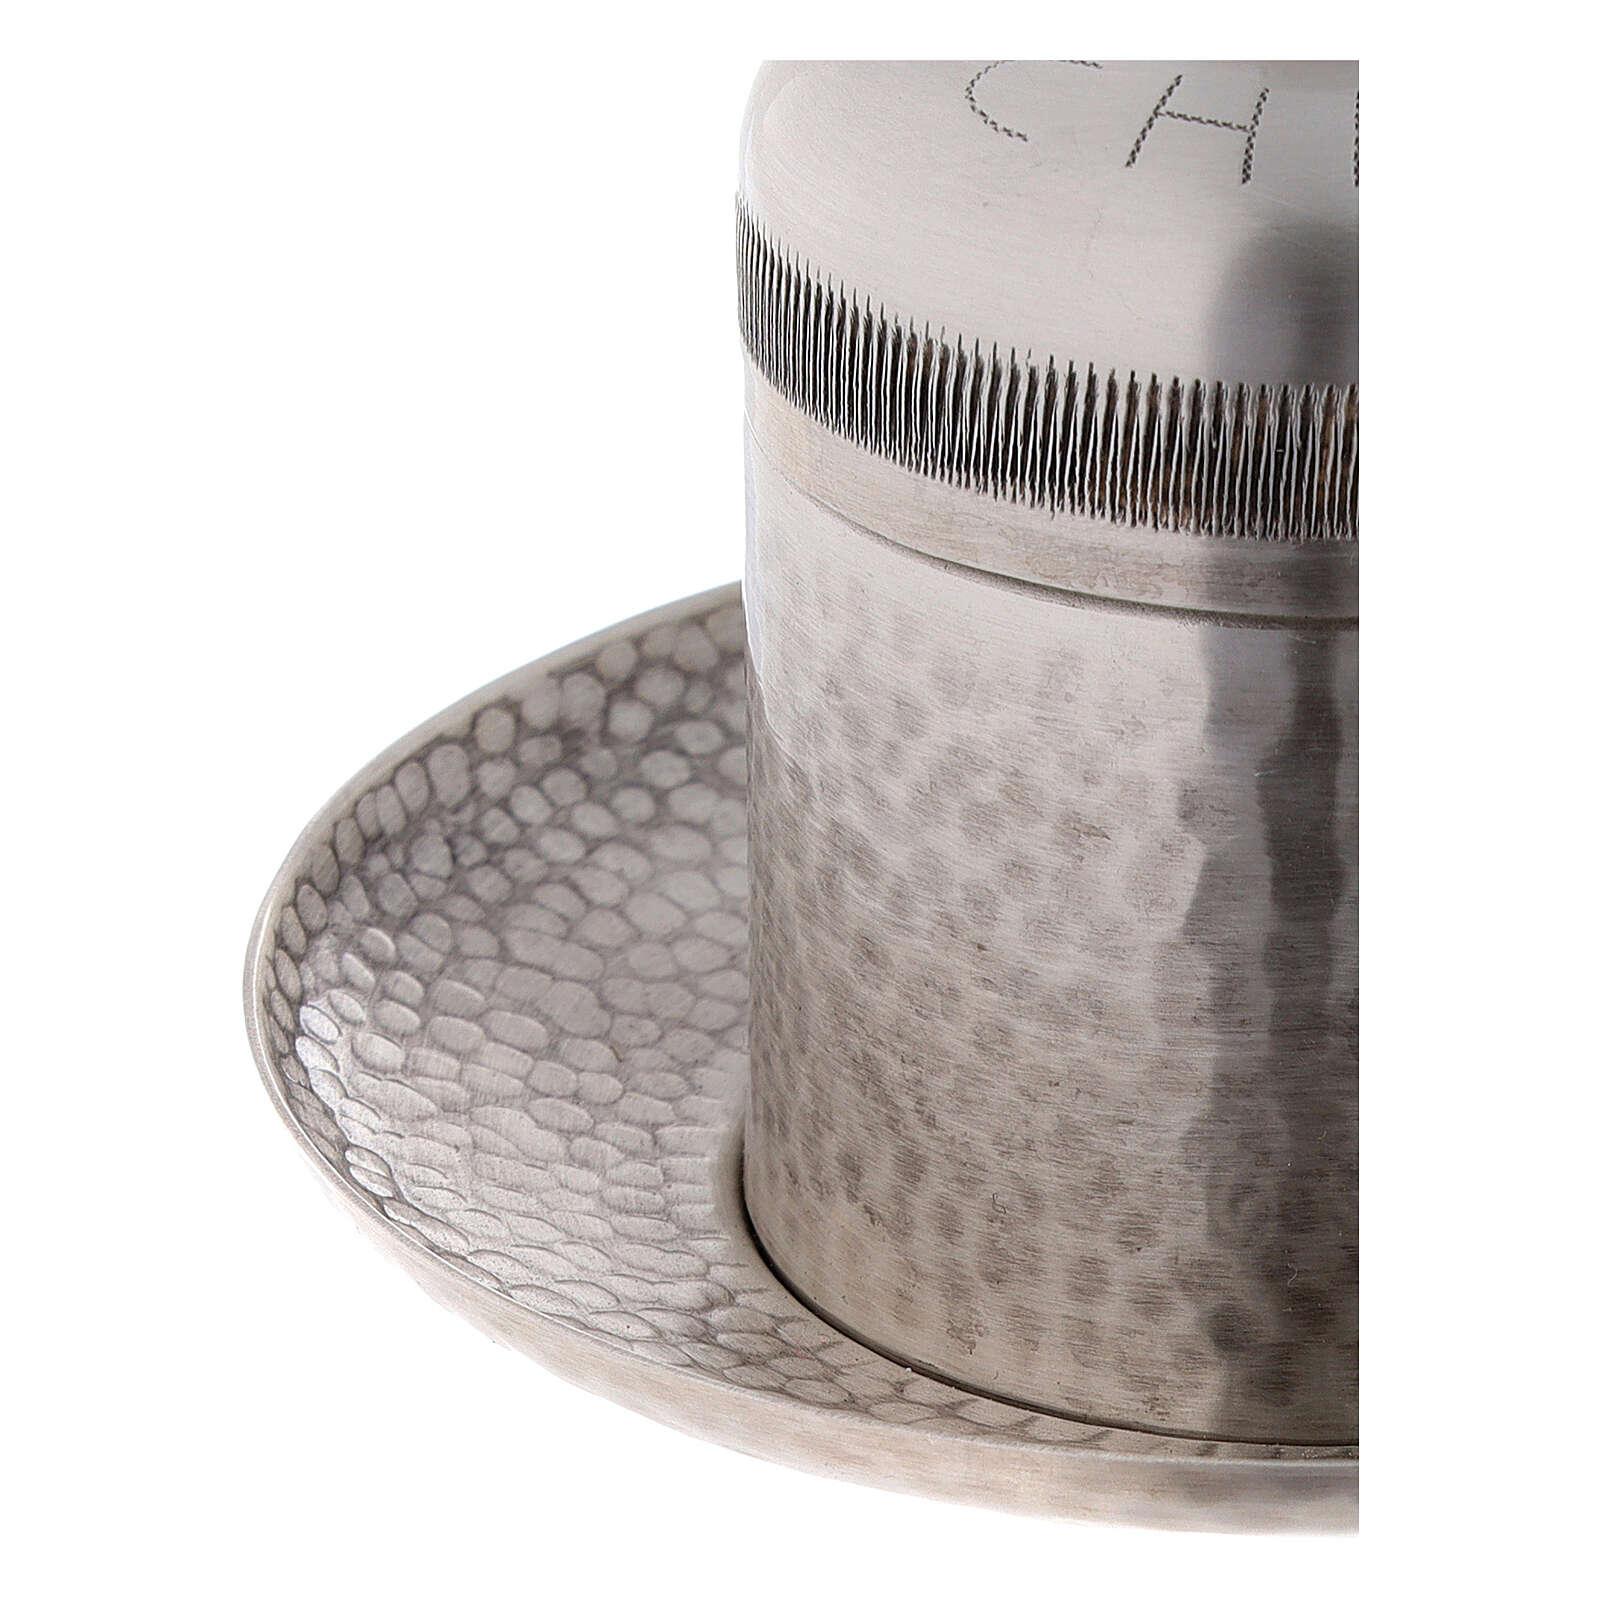 Vasija óleo santo latón plateado Crisma 50 ml 3